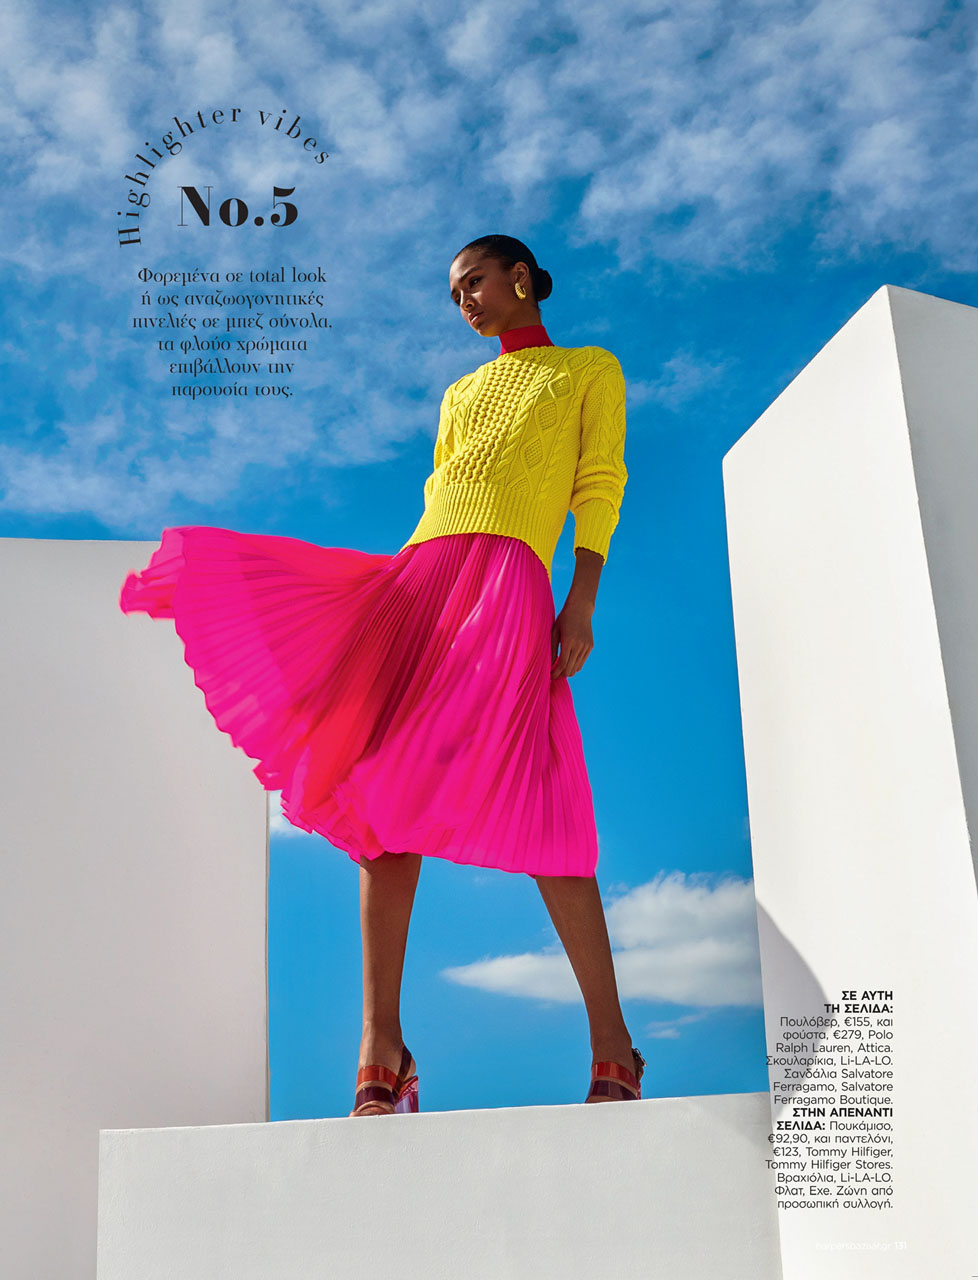 Dajia Wilson for Harper's Bazaar